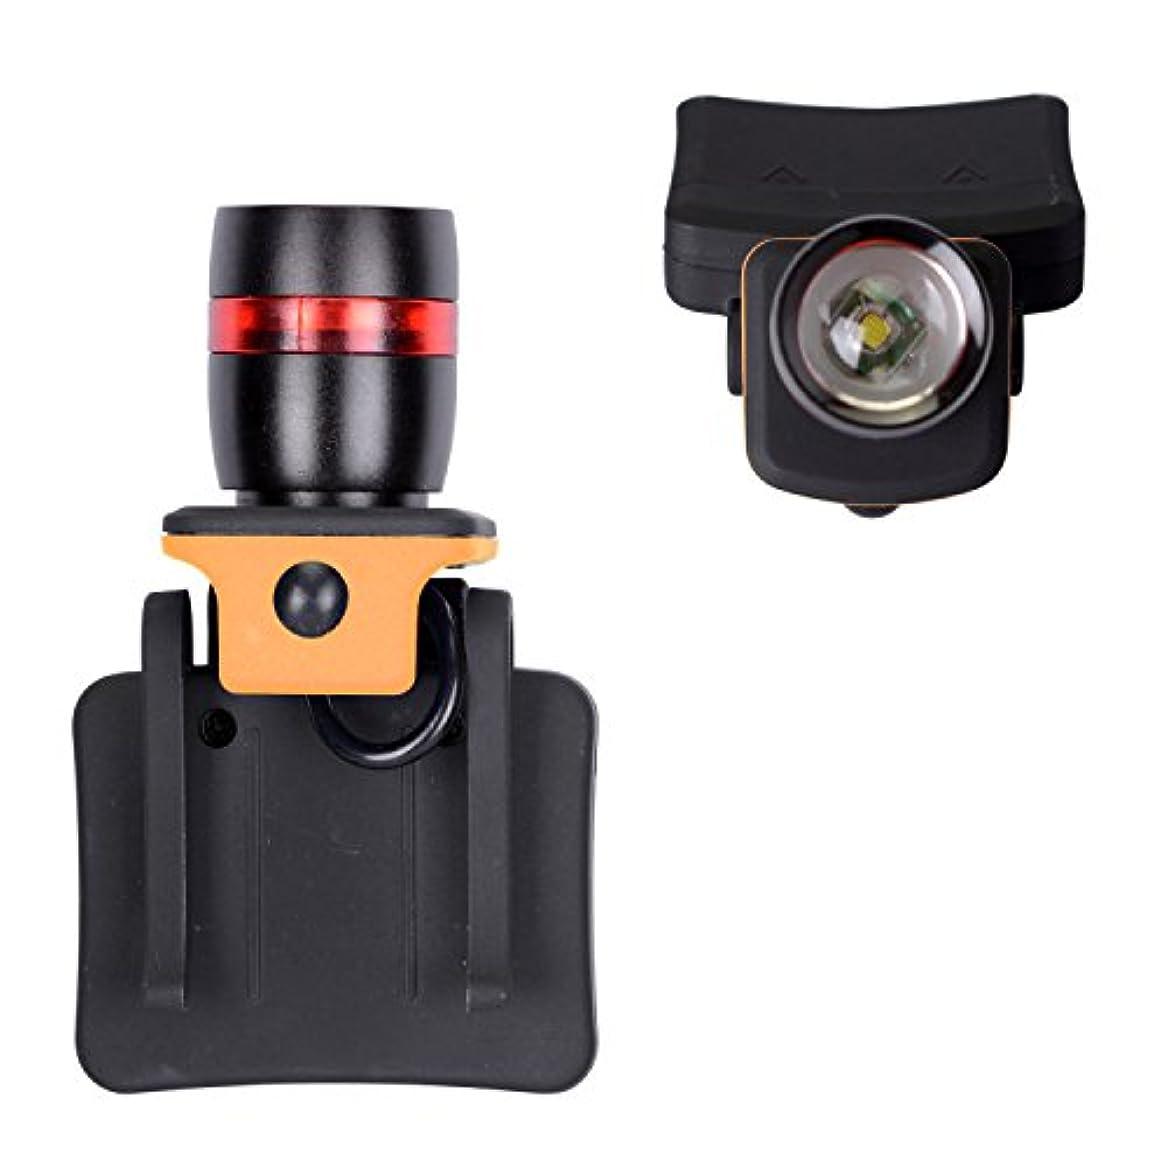 天のインチアナリスト超明るい ヘッドライト 250ルーメン XPE LED釣り灯 ズーム機能付 単四電池使用 帽子に直接装着 キャップライト WOLFTEETH 406801